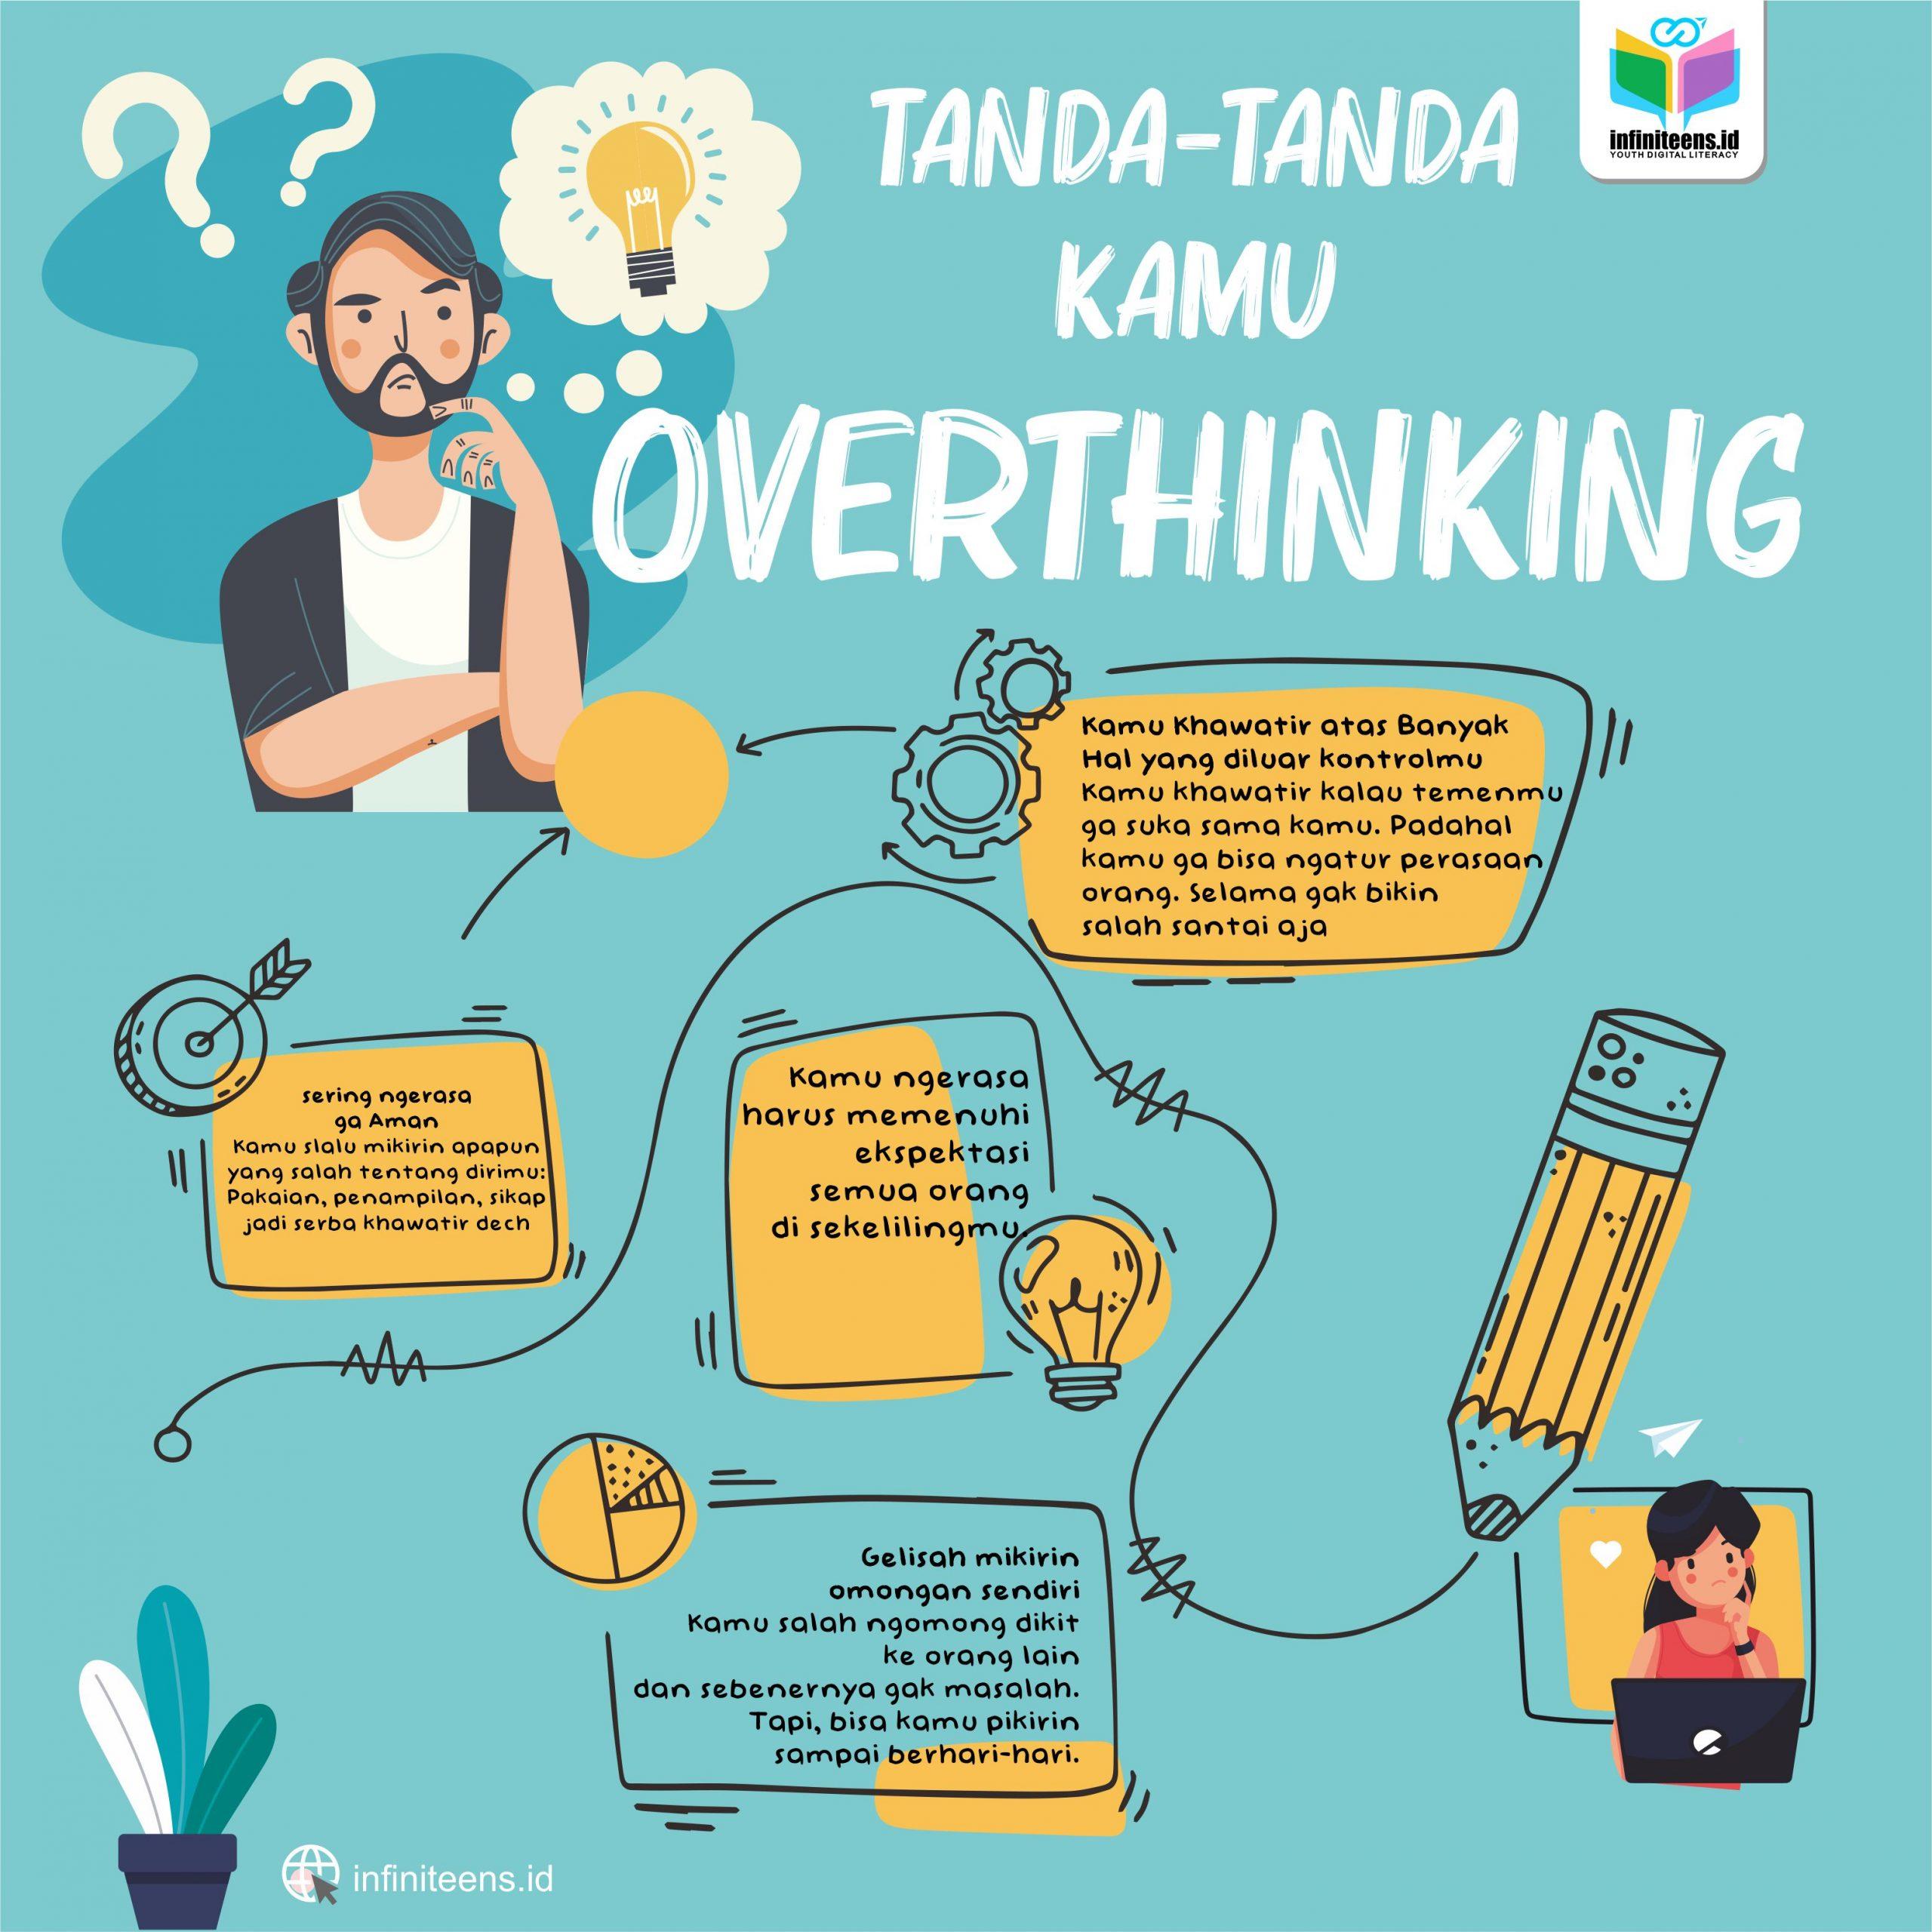 Kamu Overthinking